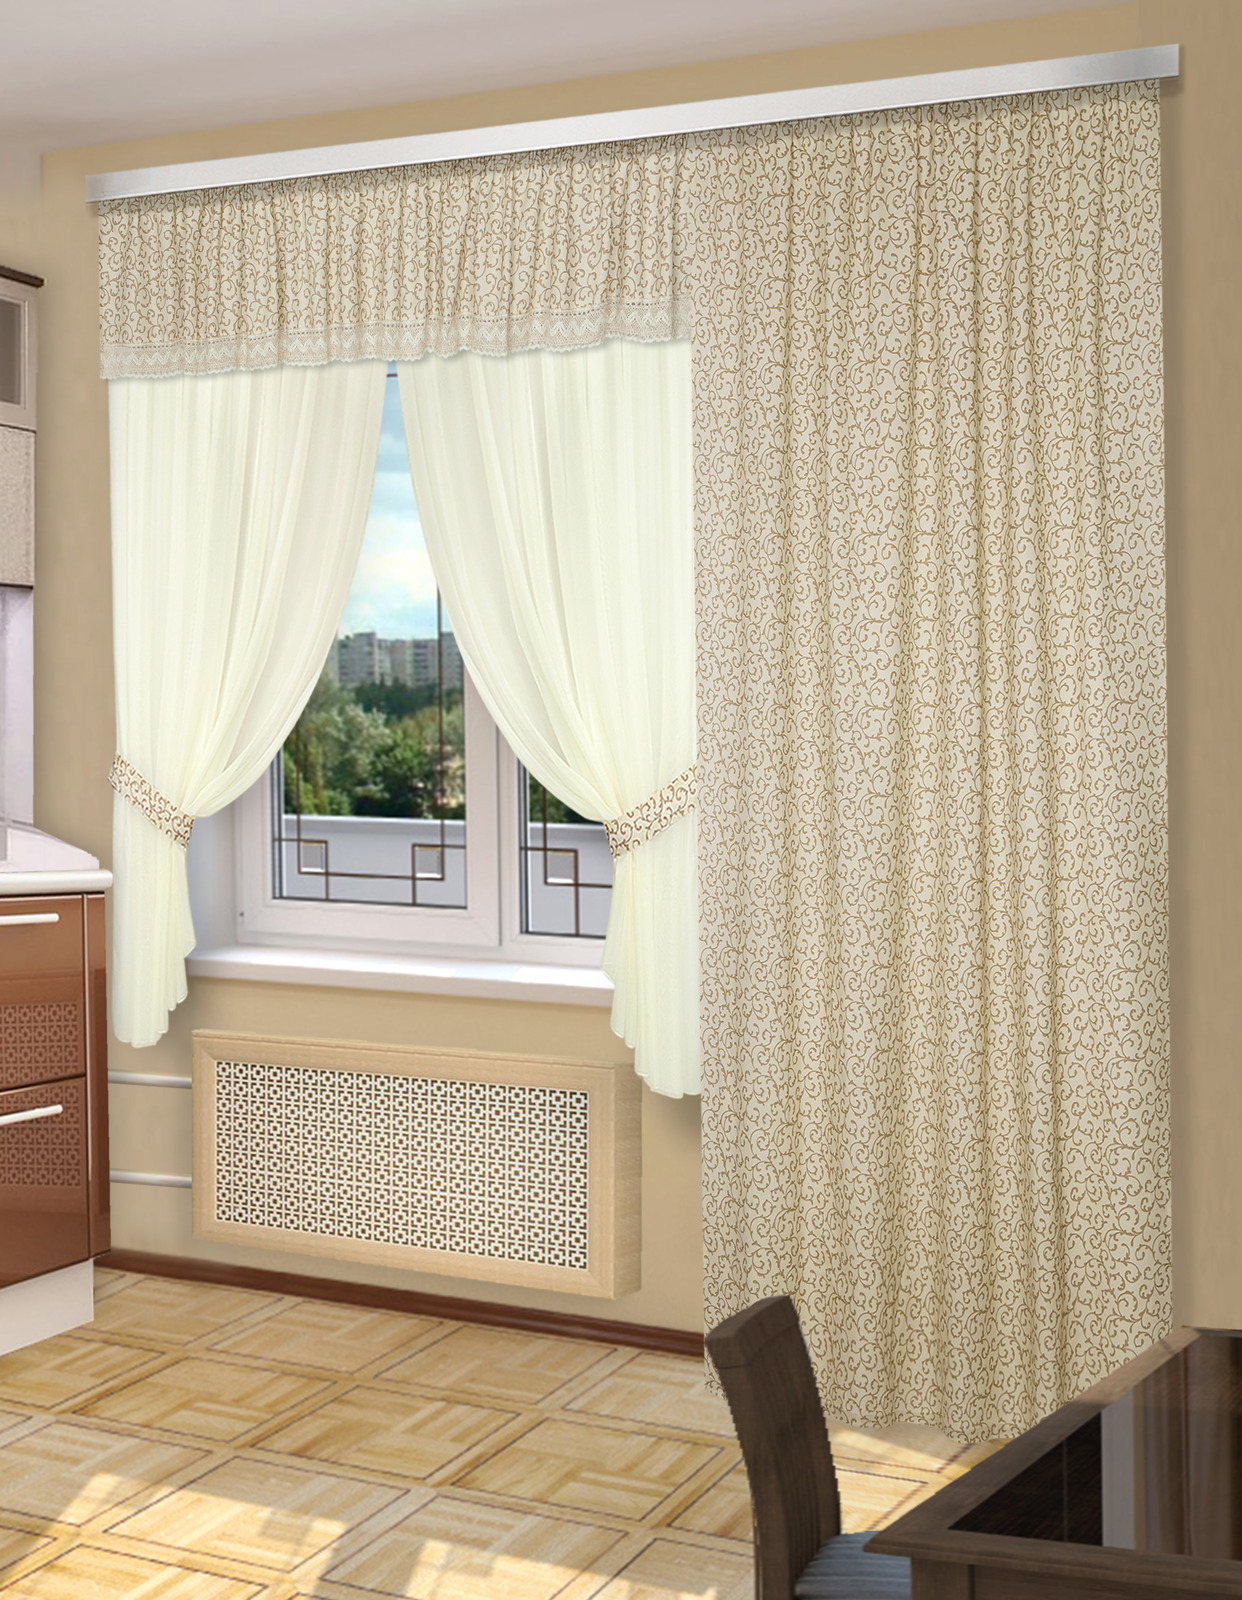 цена Комплект штор ТД Текстиль Балкончик, 29586, кремовый онлайн в 2017 году